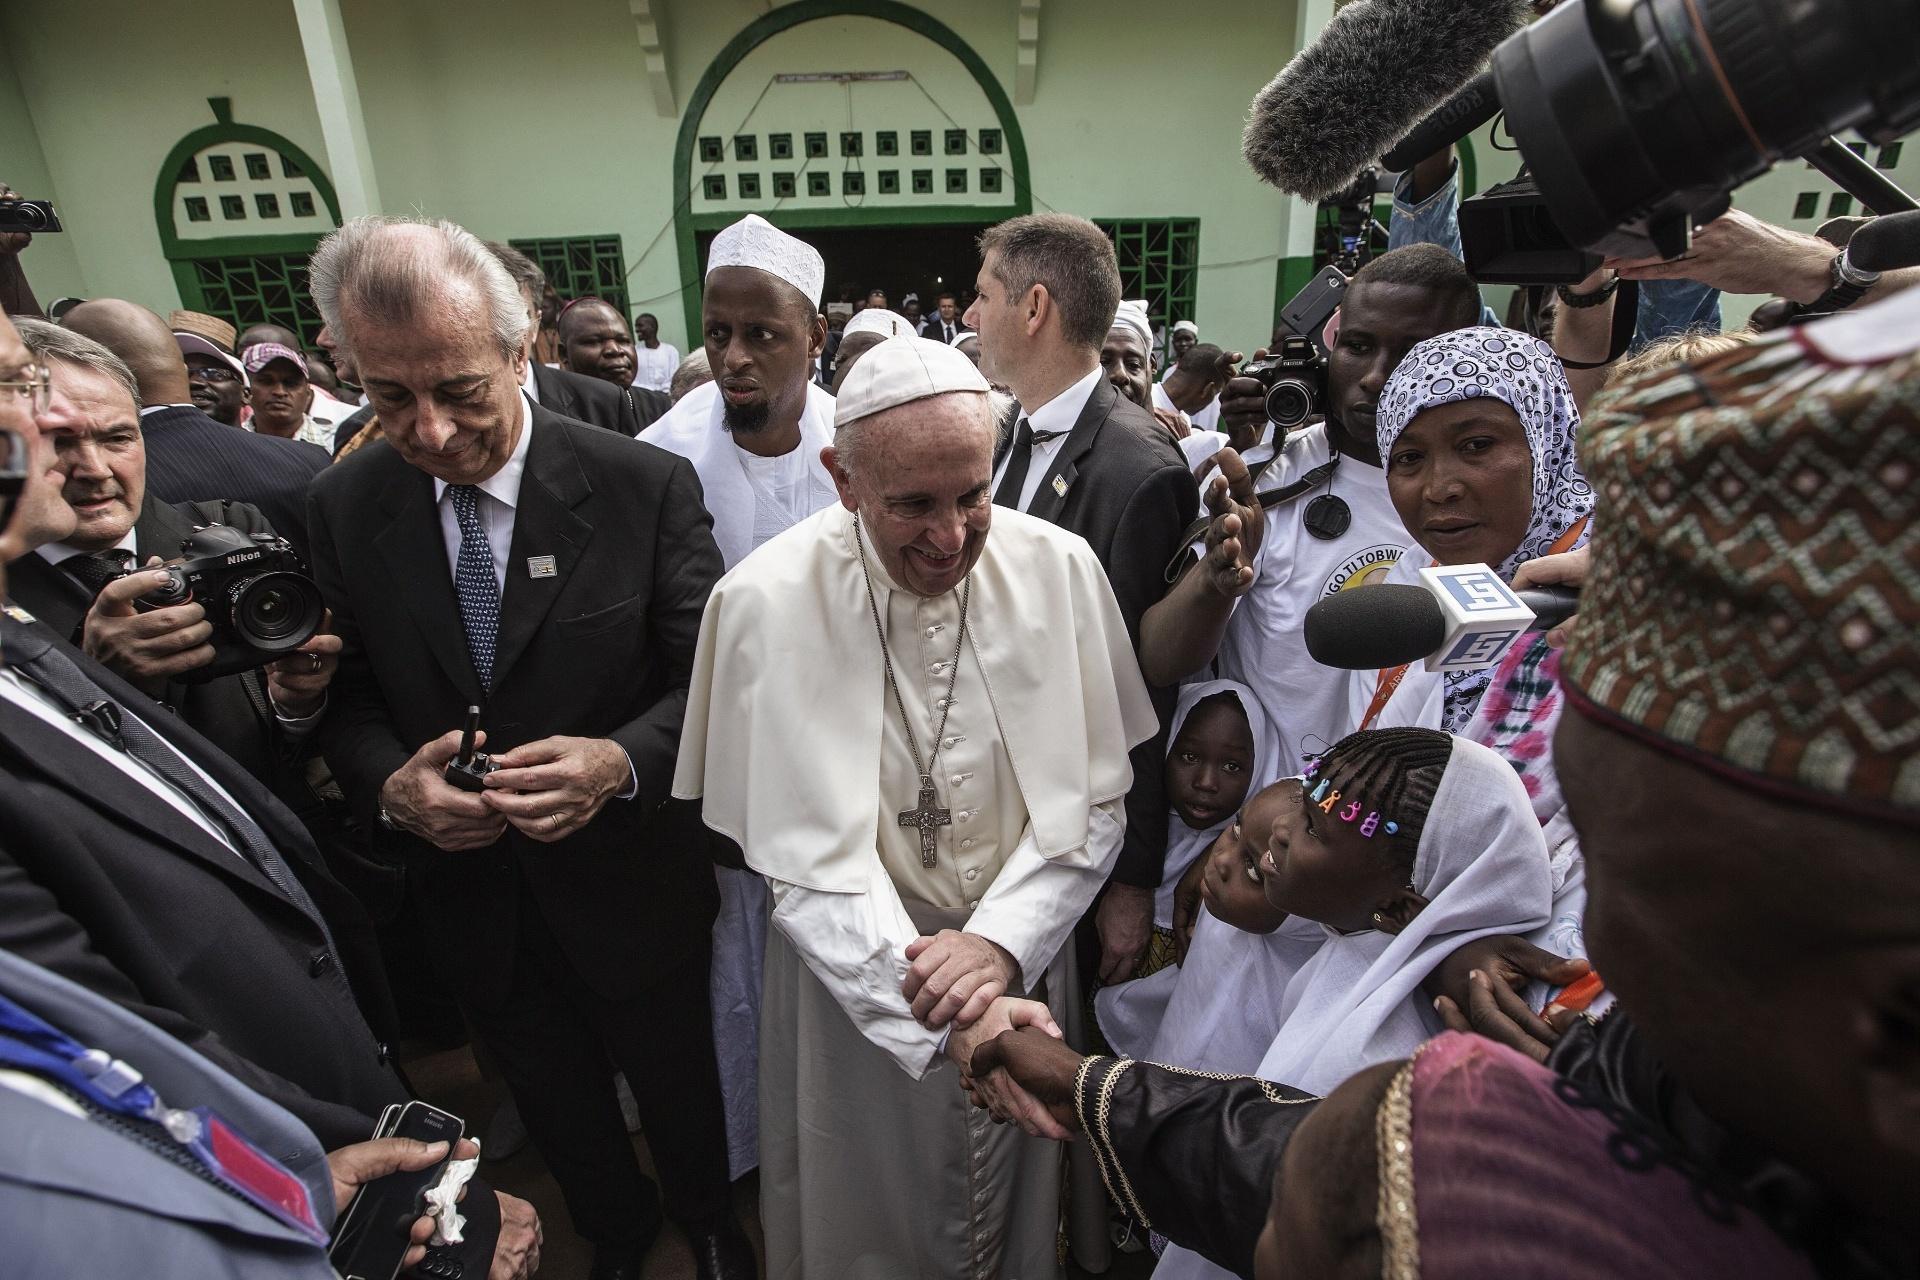 30.nov.2015 - Papa Francisco cumprimenta crianças ao chegar à mesquita central de Bangui, na República Centro-Africana. País imerso em um conflito étnico-religioso que custou a vida de milhares de pessoas nos últimos dois anos, o pontífice afirmou que cristãos e muçulmanos que são